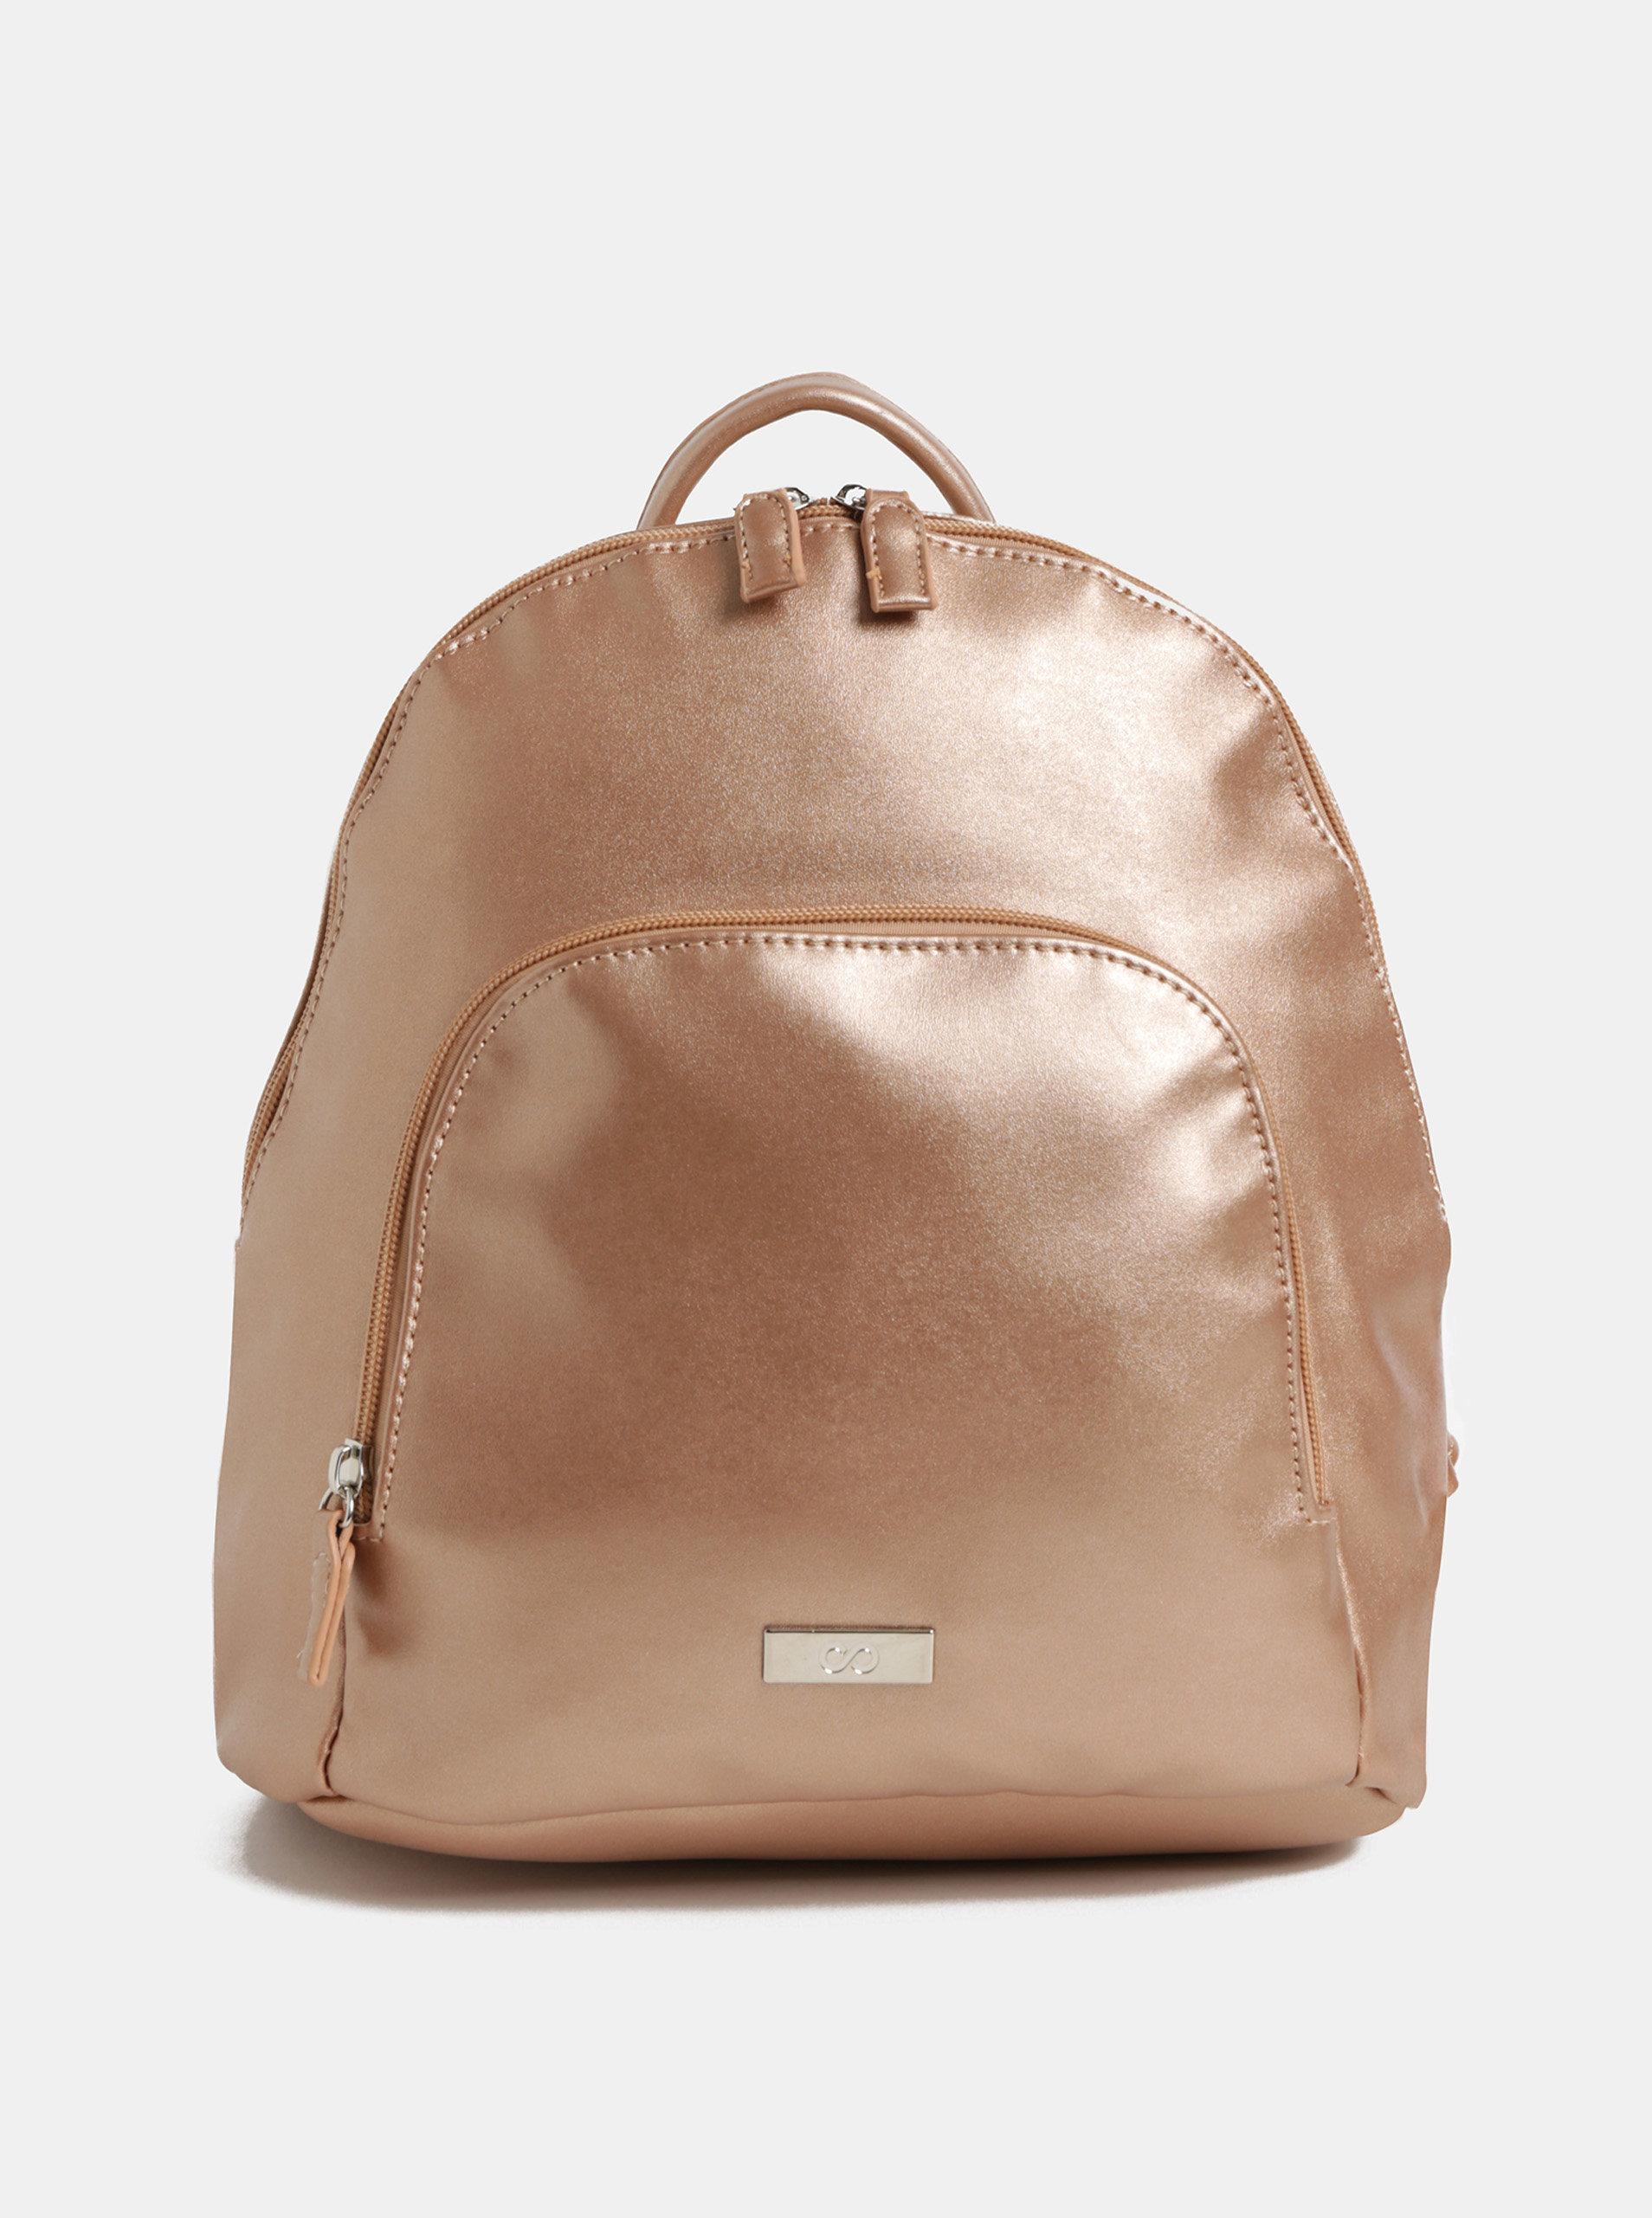 Ružovozlatý koženkový batoh s metalickými odleskami a predným vreckom ZOOT  ... 90ef24b5f82